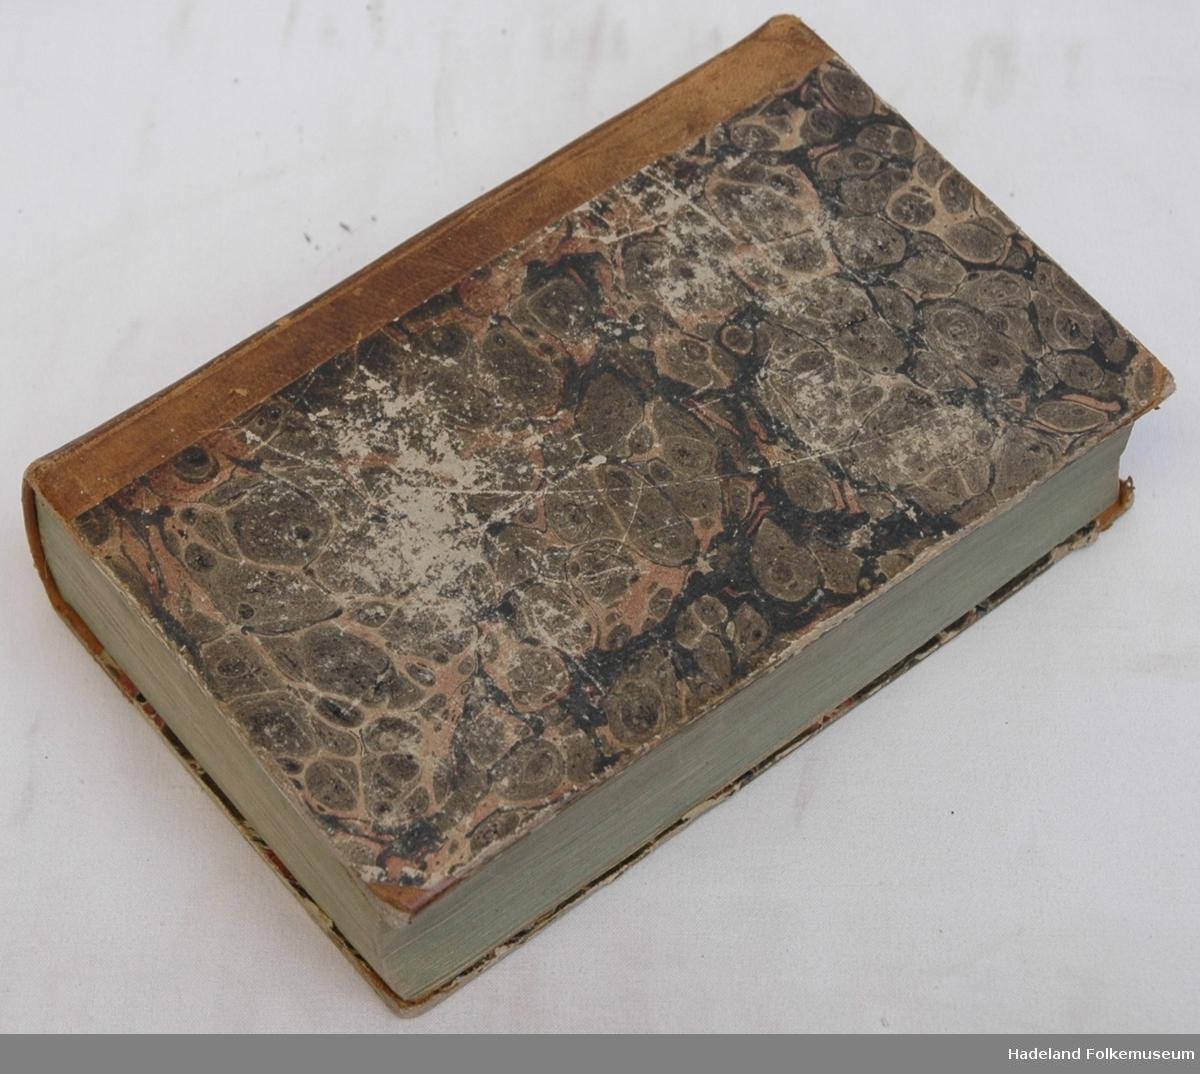 Gullpreget skinnrygg, marmorerte papp-permer m skinnhjørner.